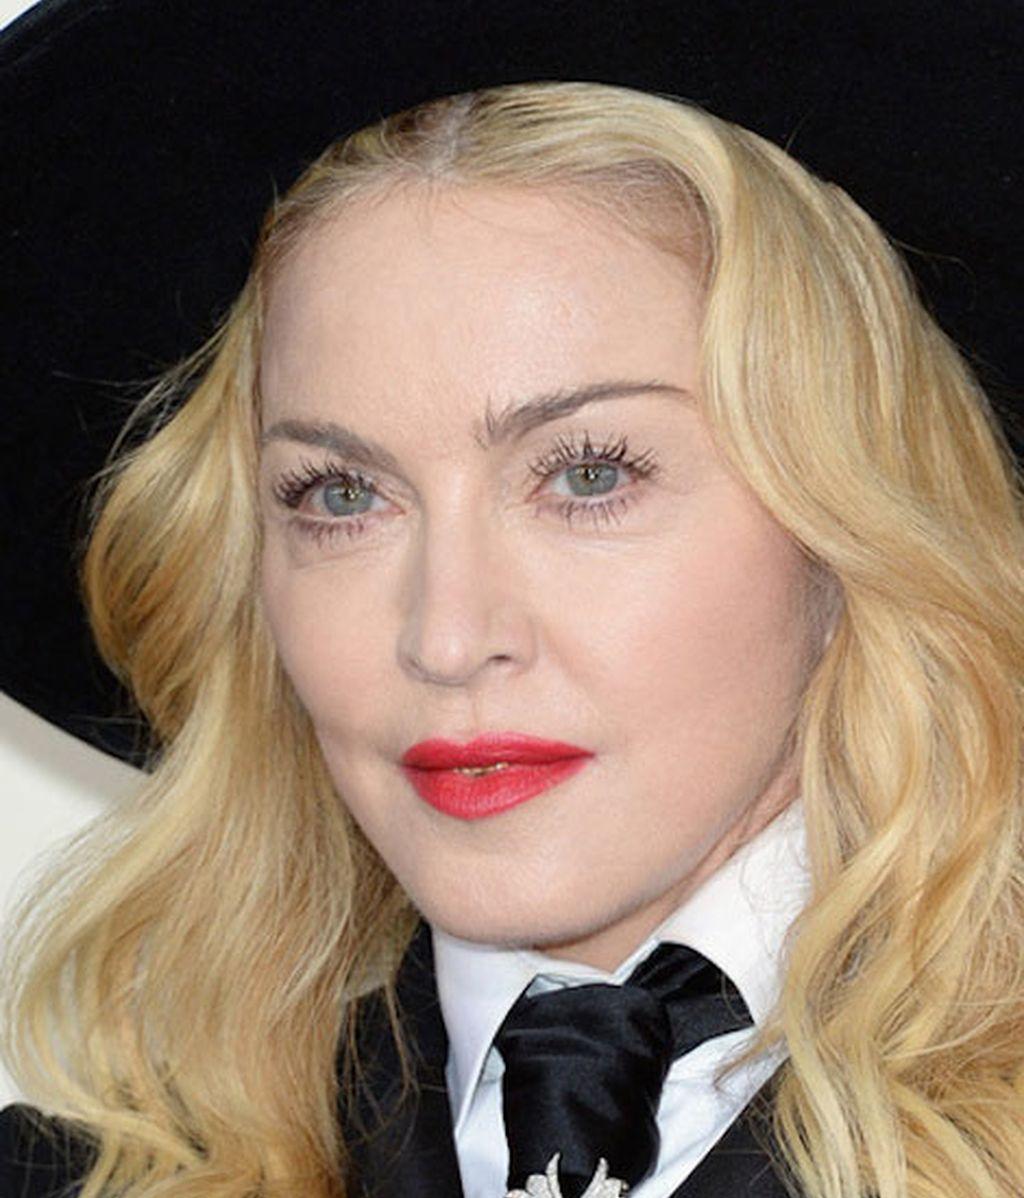 ¿Quién quiere maquillaje con efecto de cirugía?